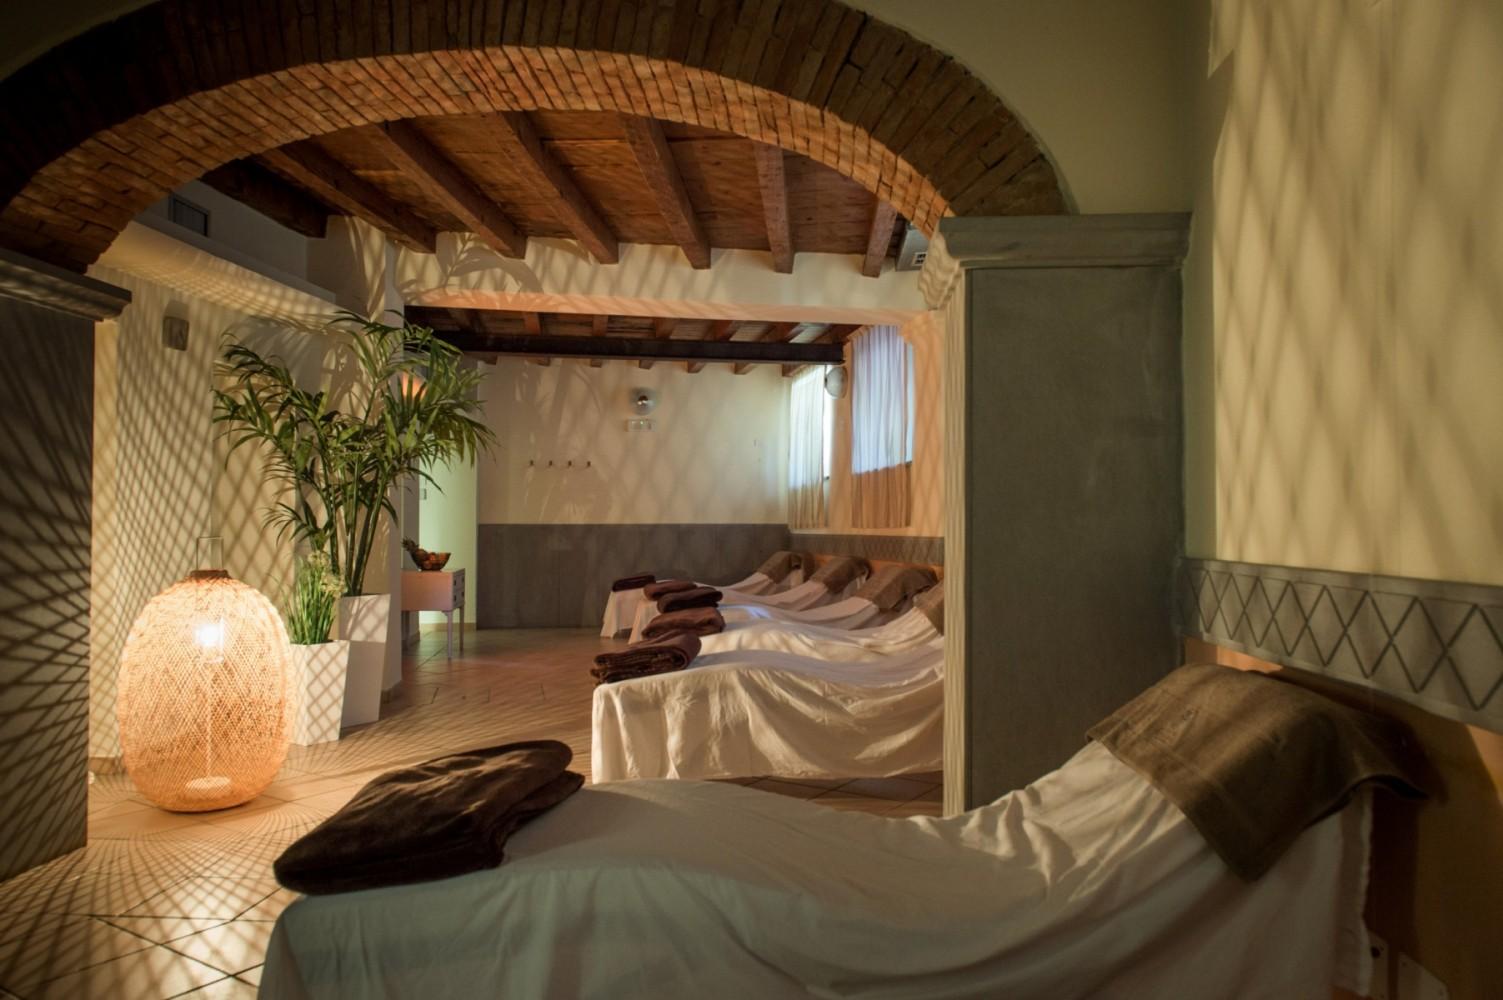 bagno di romagna, forli-cesena, terme santa agnese grotta-relax